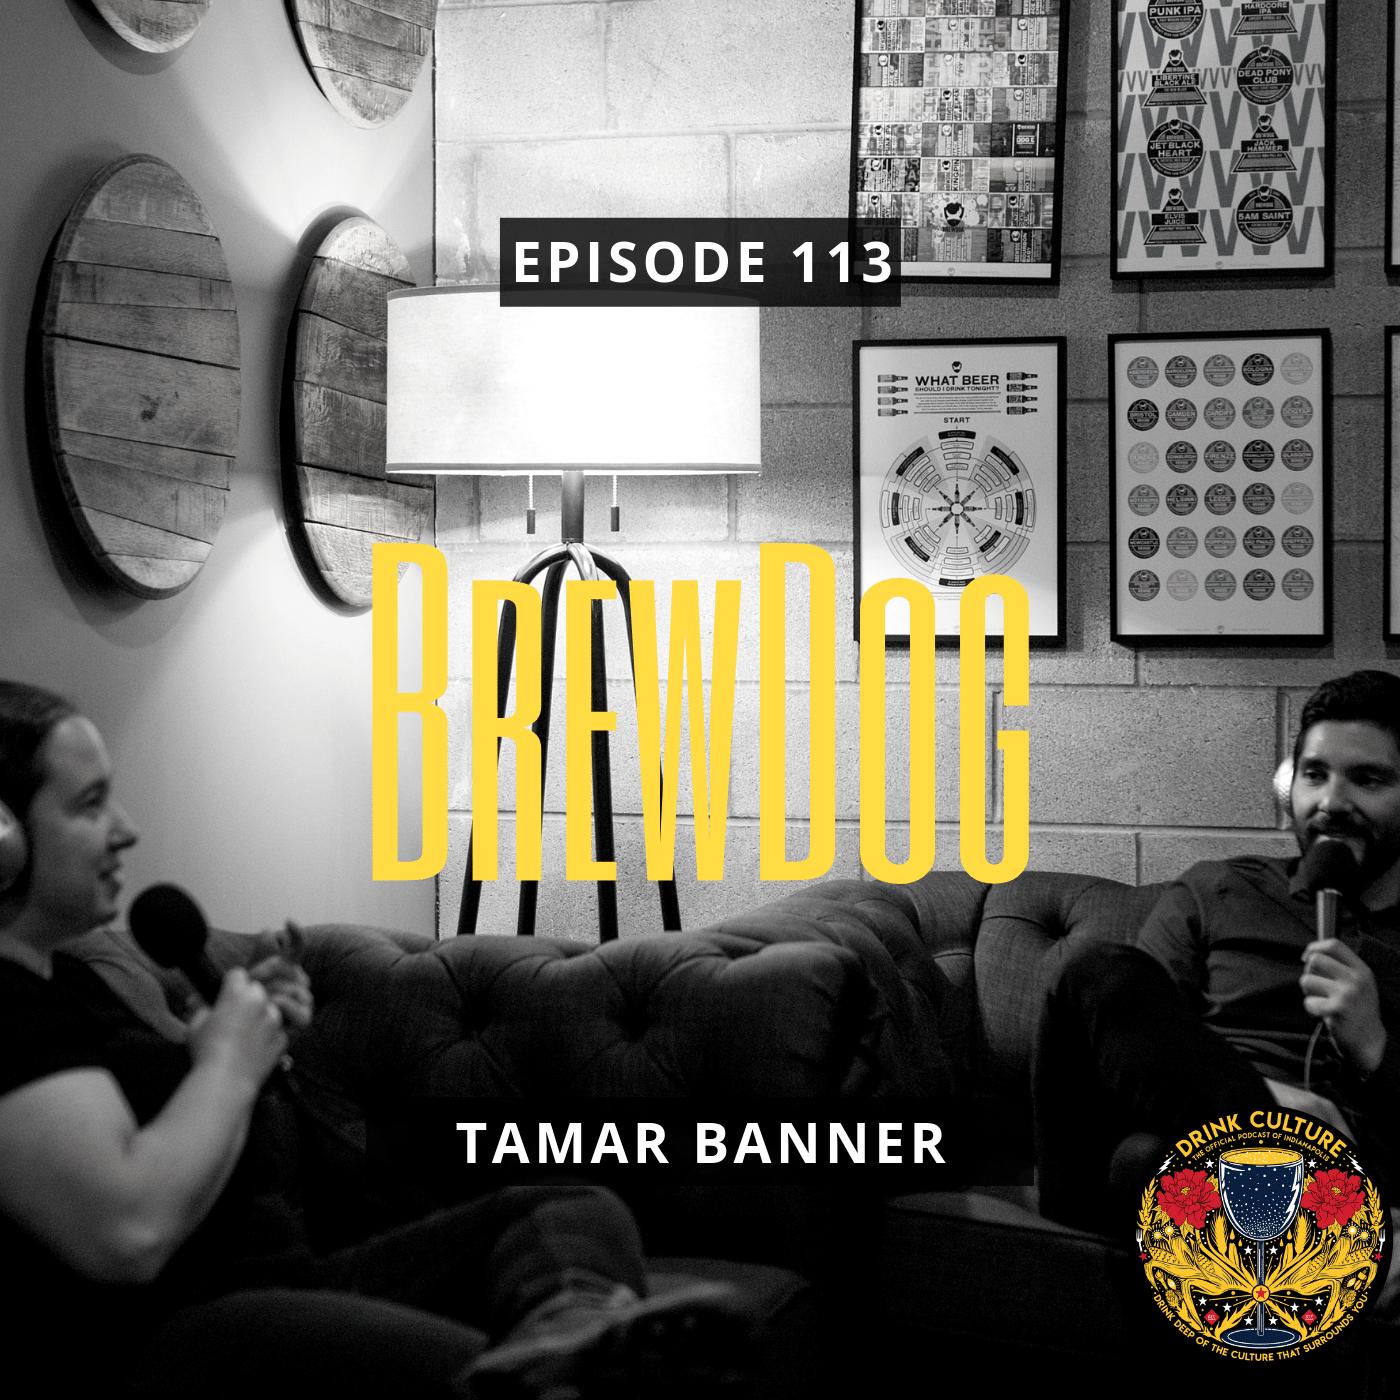 Episode 113: BrewDog, Tamar Banner -